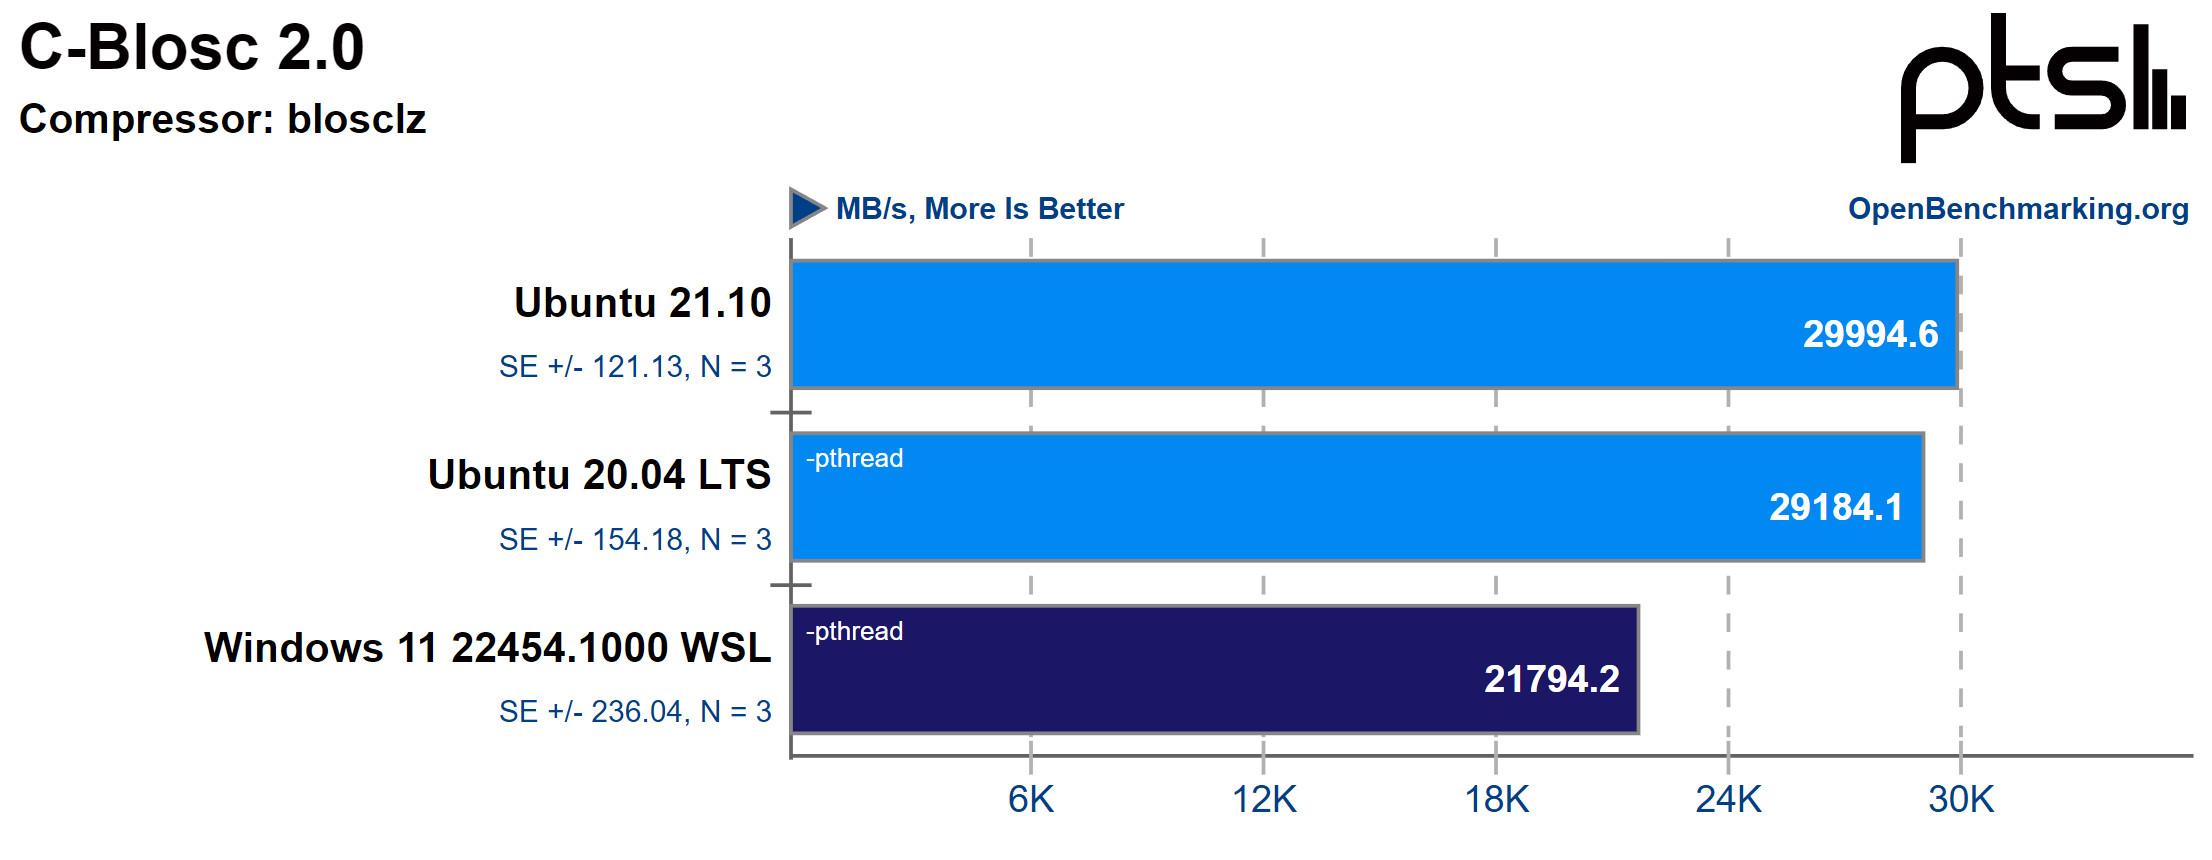 Windows 11 WSL2 vs Ubuntu in C-Blosc